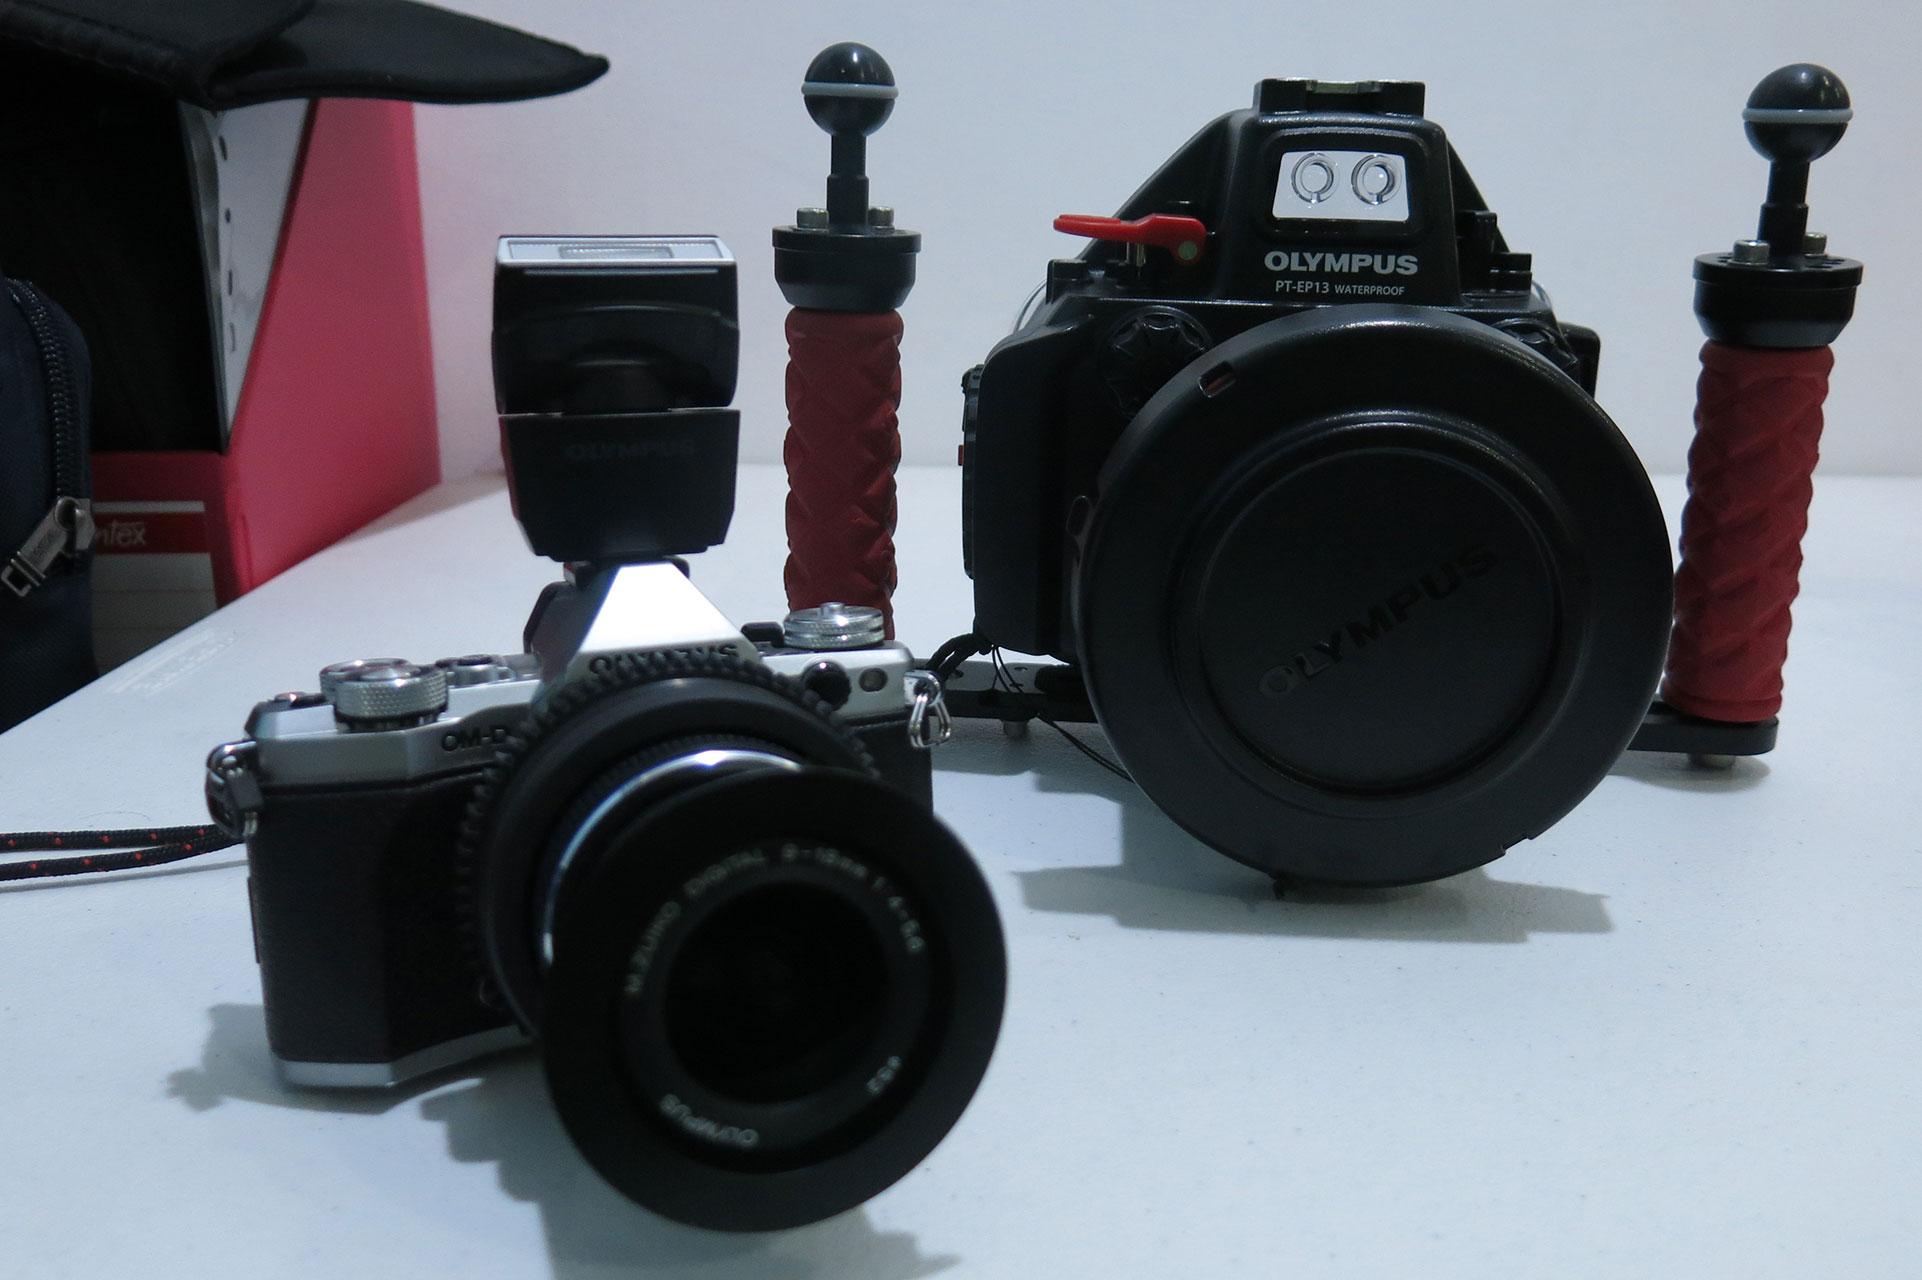 memilih peralatan untuk fotografi underwater 3 - Memilih Peralatan untuk Fotografi Underwater